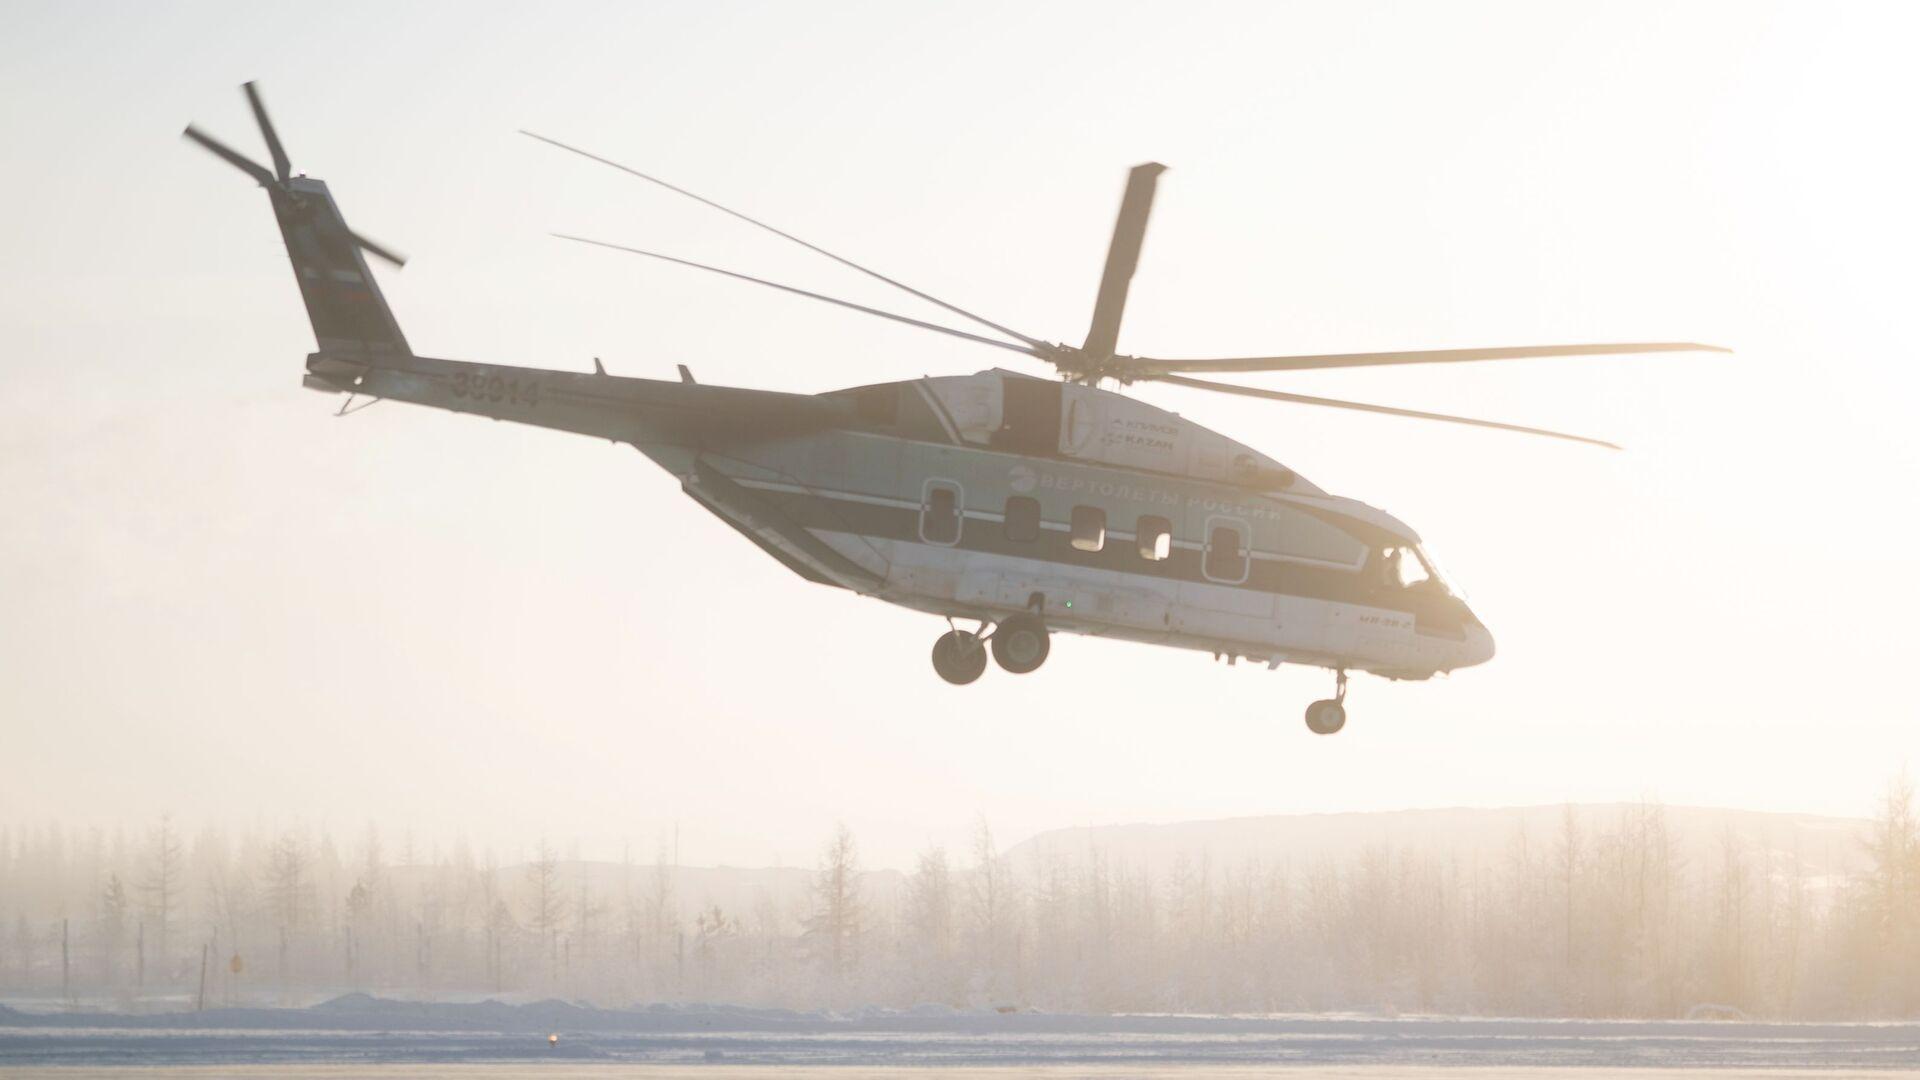 Вертолет Ми-38 во время испытаний в аэропорту Мирный в Якутии - РИА Новости, 1920, 22.07.2021